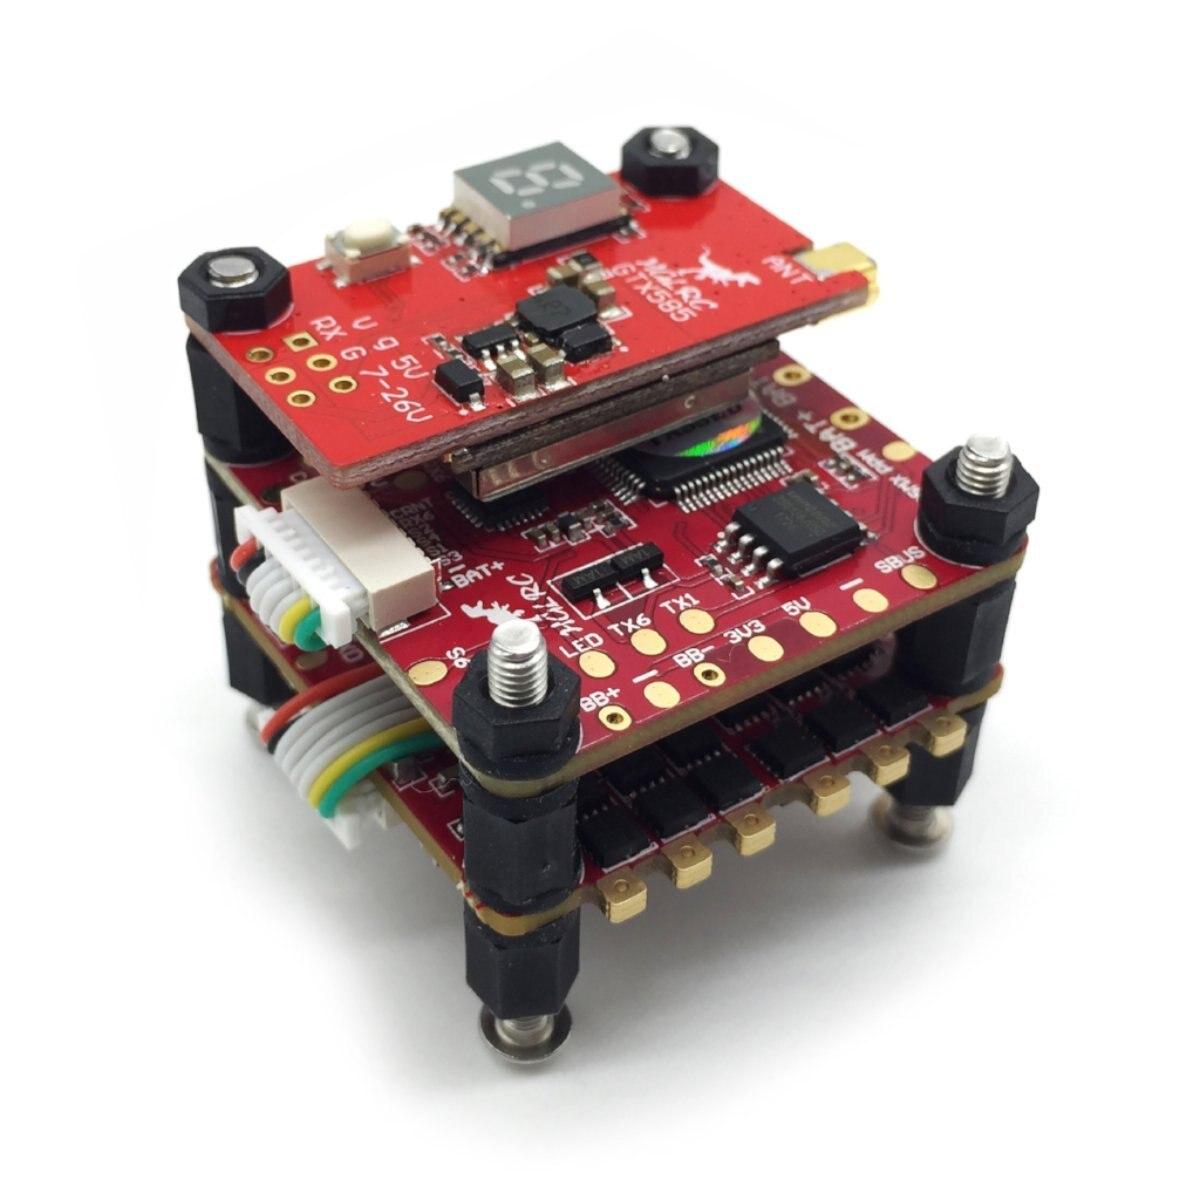 Titan Plus F460-GTX585 HGLRC Pilha AIRBUS F4 Controlador de Vôo OSD & Dinoshot 60A Blheli_32 ESC & 5.8G 48CH GTX585 VTX